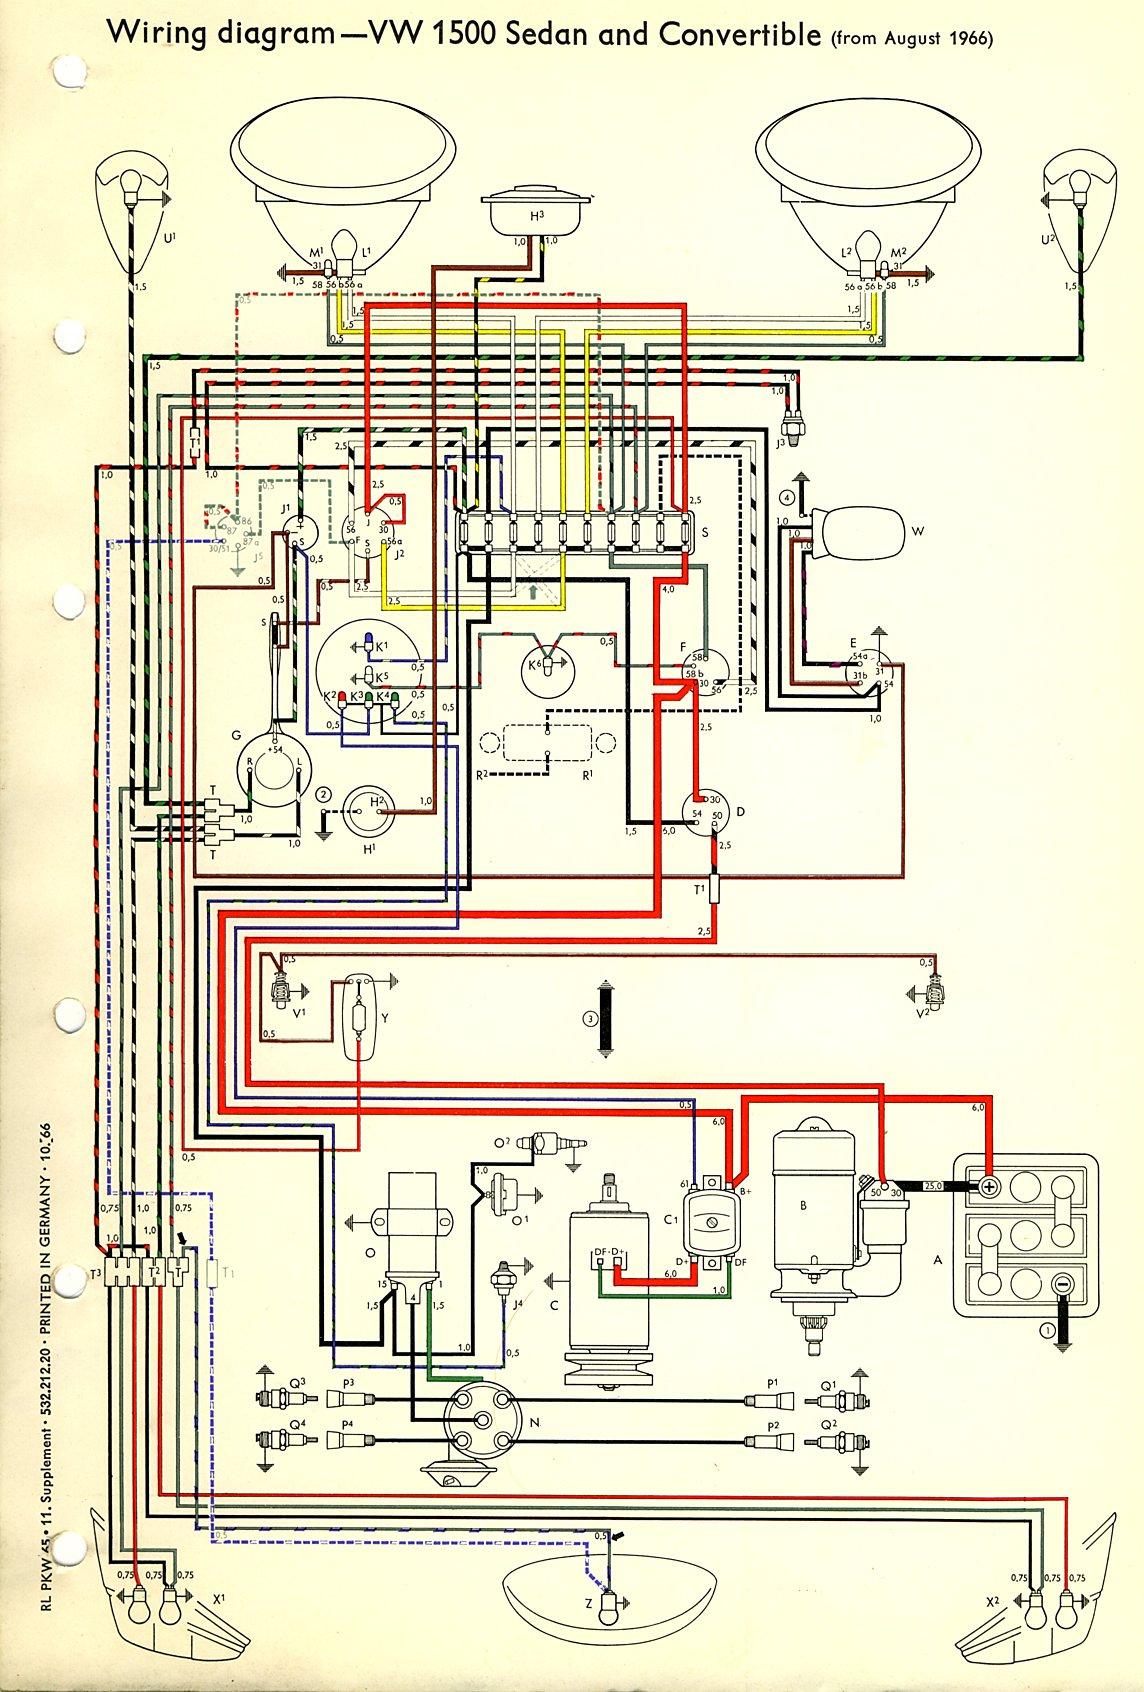 Vw Beetle Diagram - Wiring Diagrams Hubs - 1973 Vw Beetle Wiring Diagram